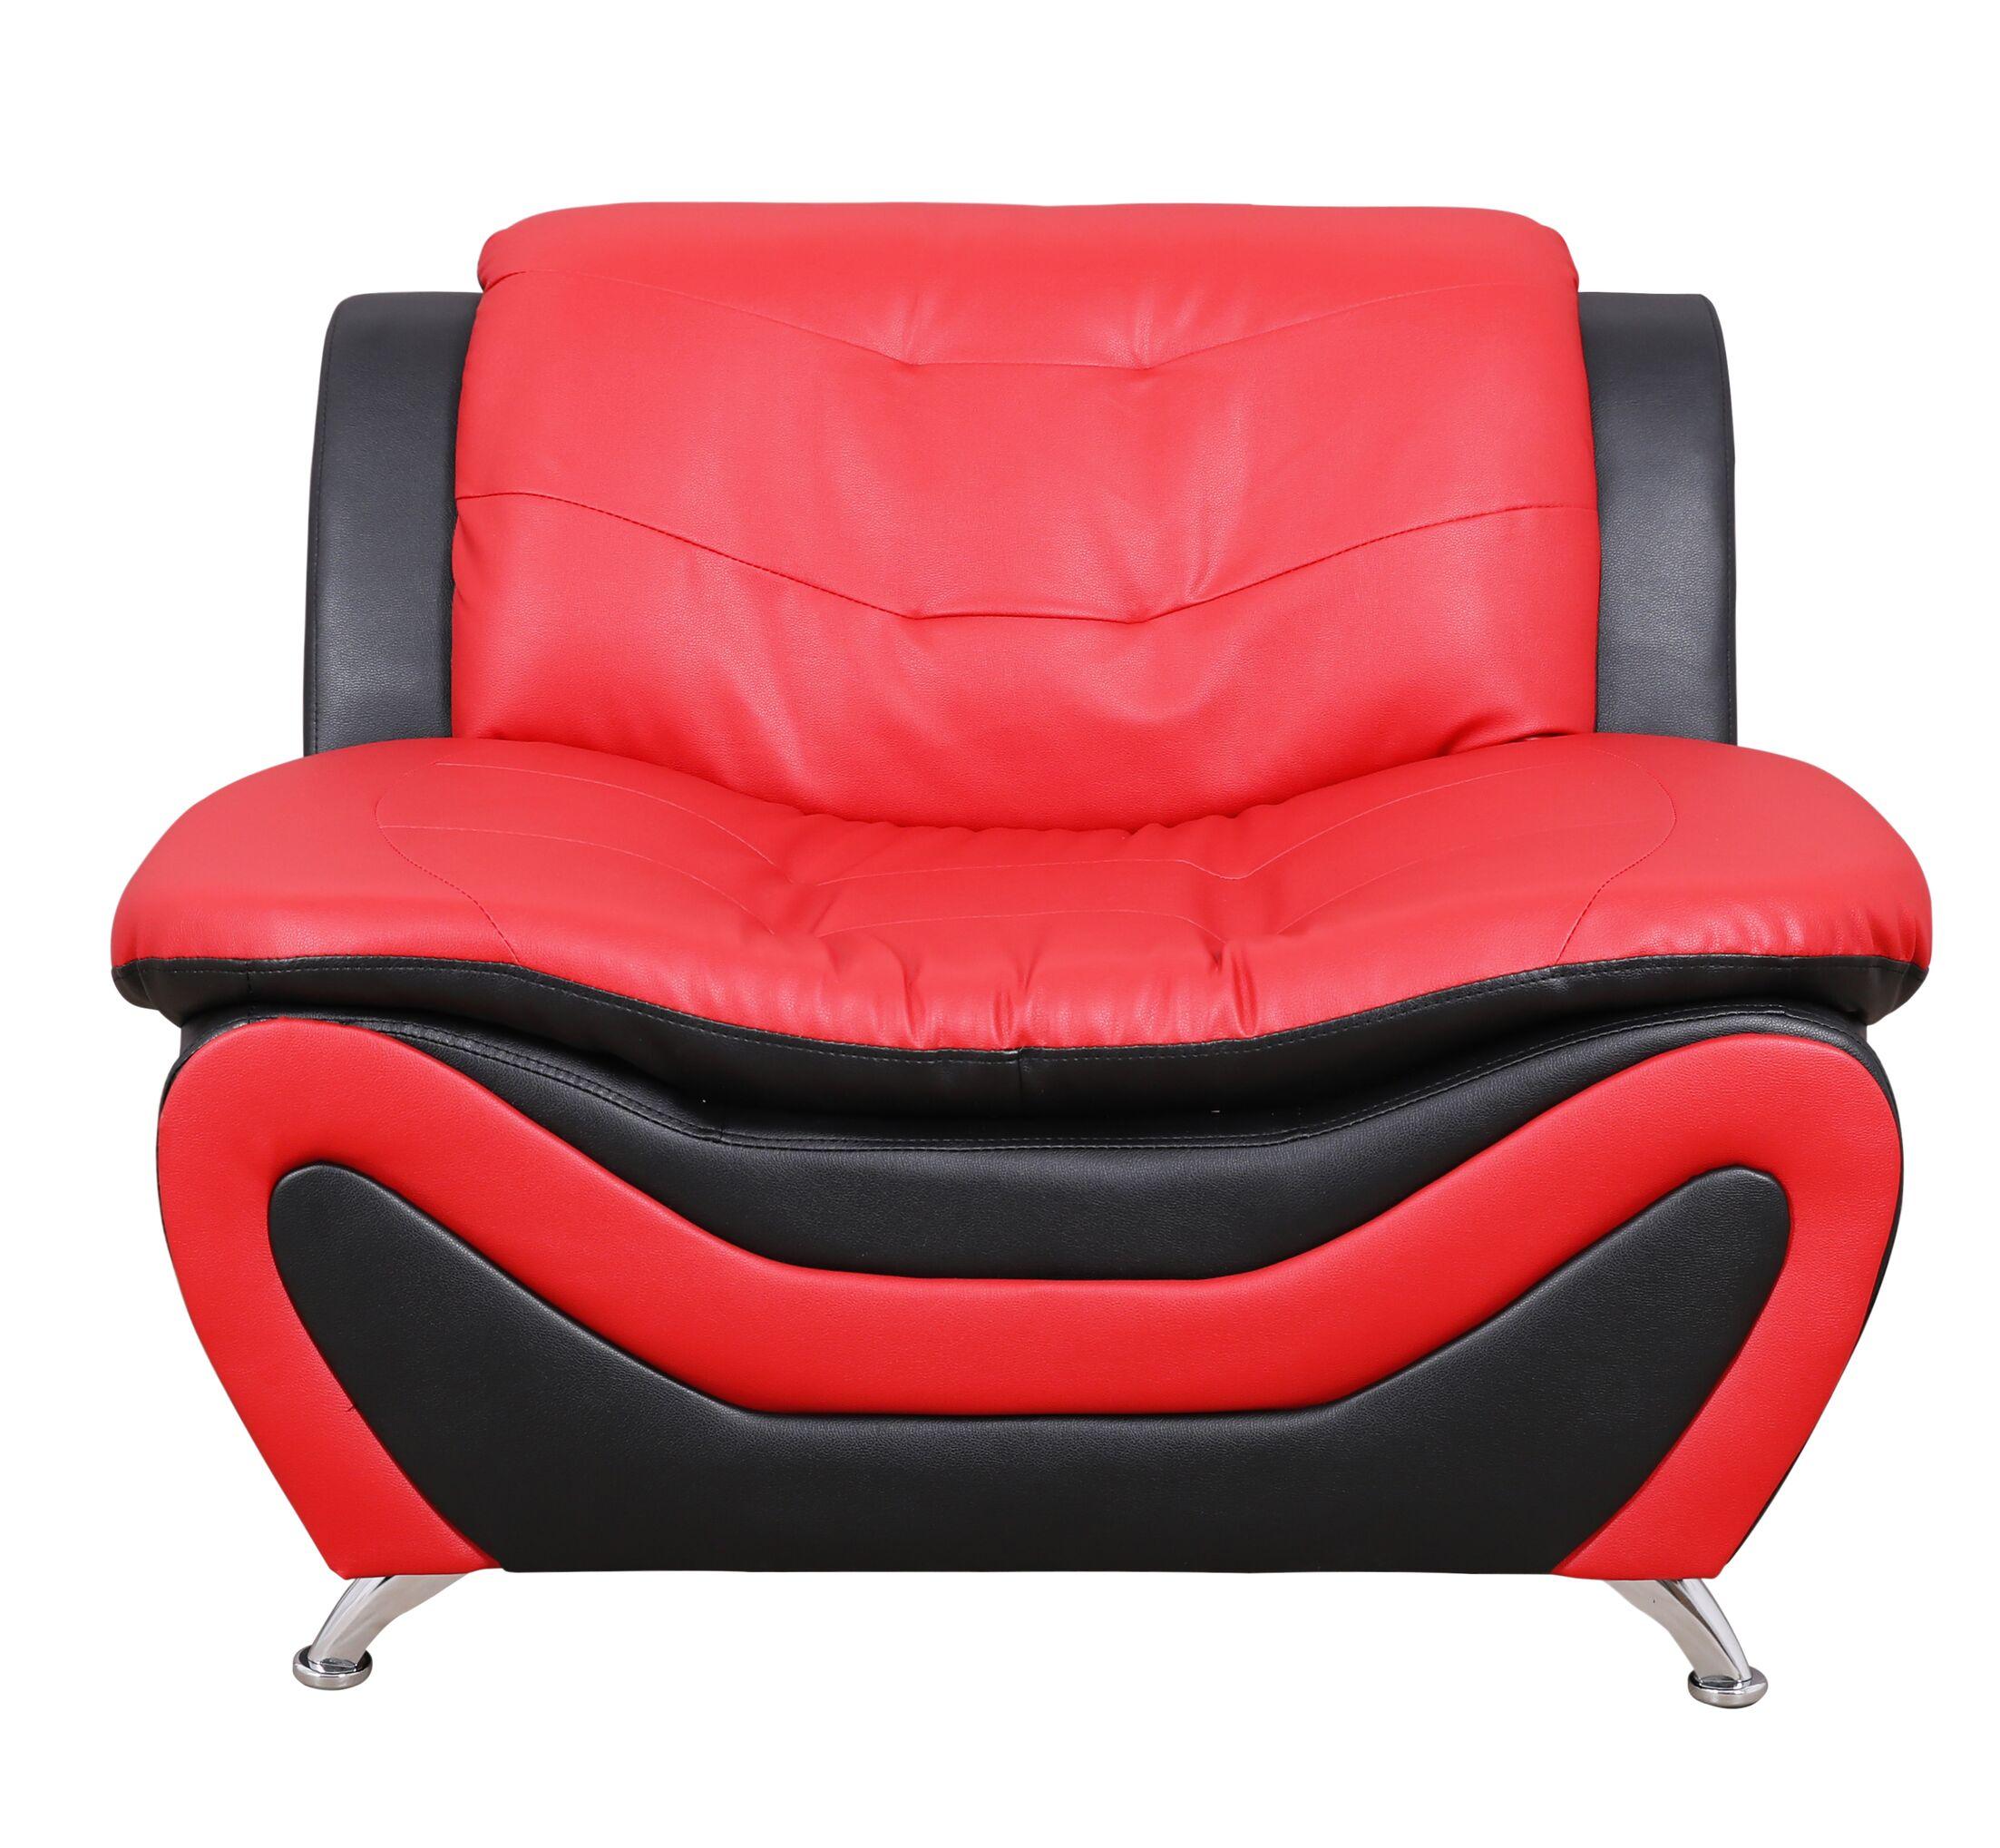 Sloane Classical Loveseat Upholstery: Black/Red